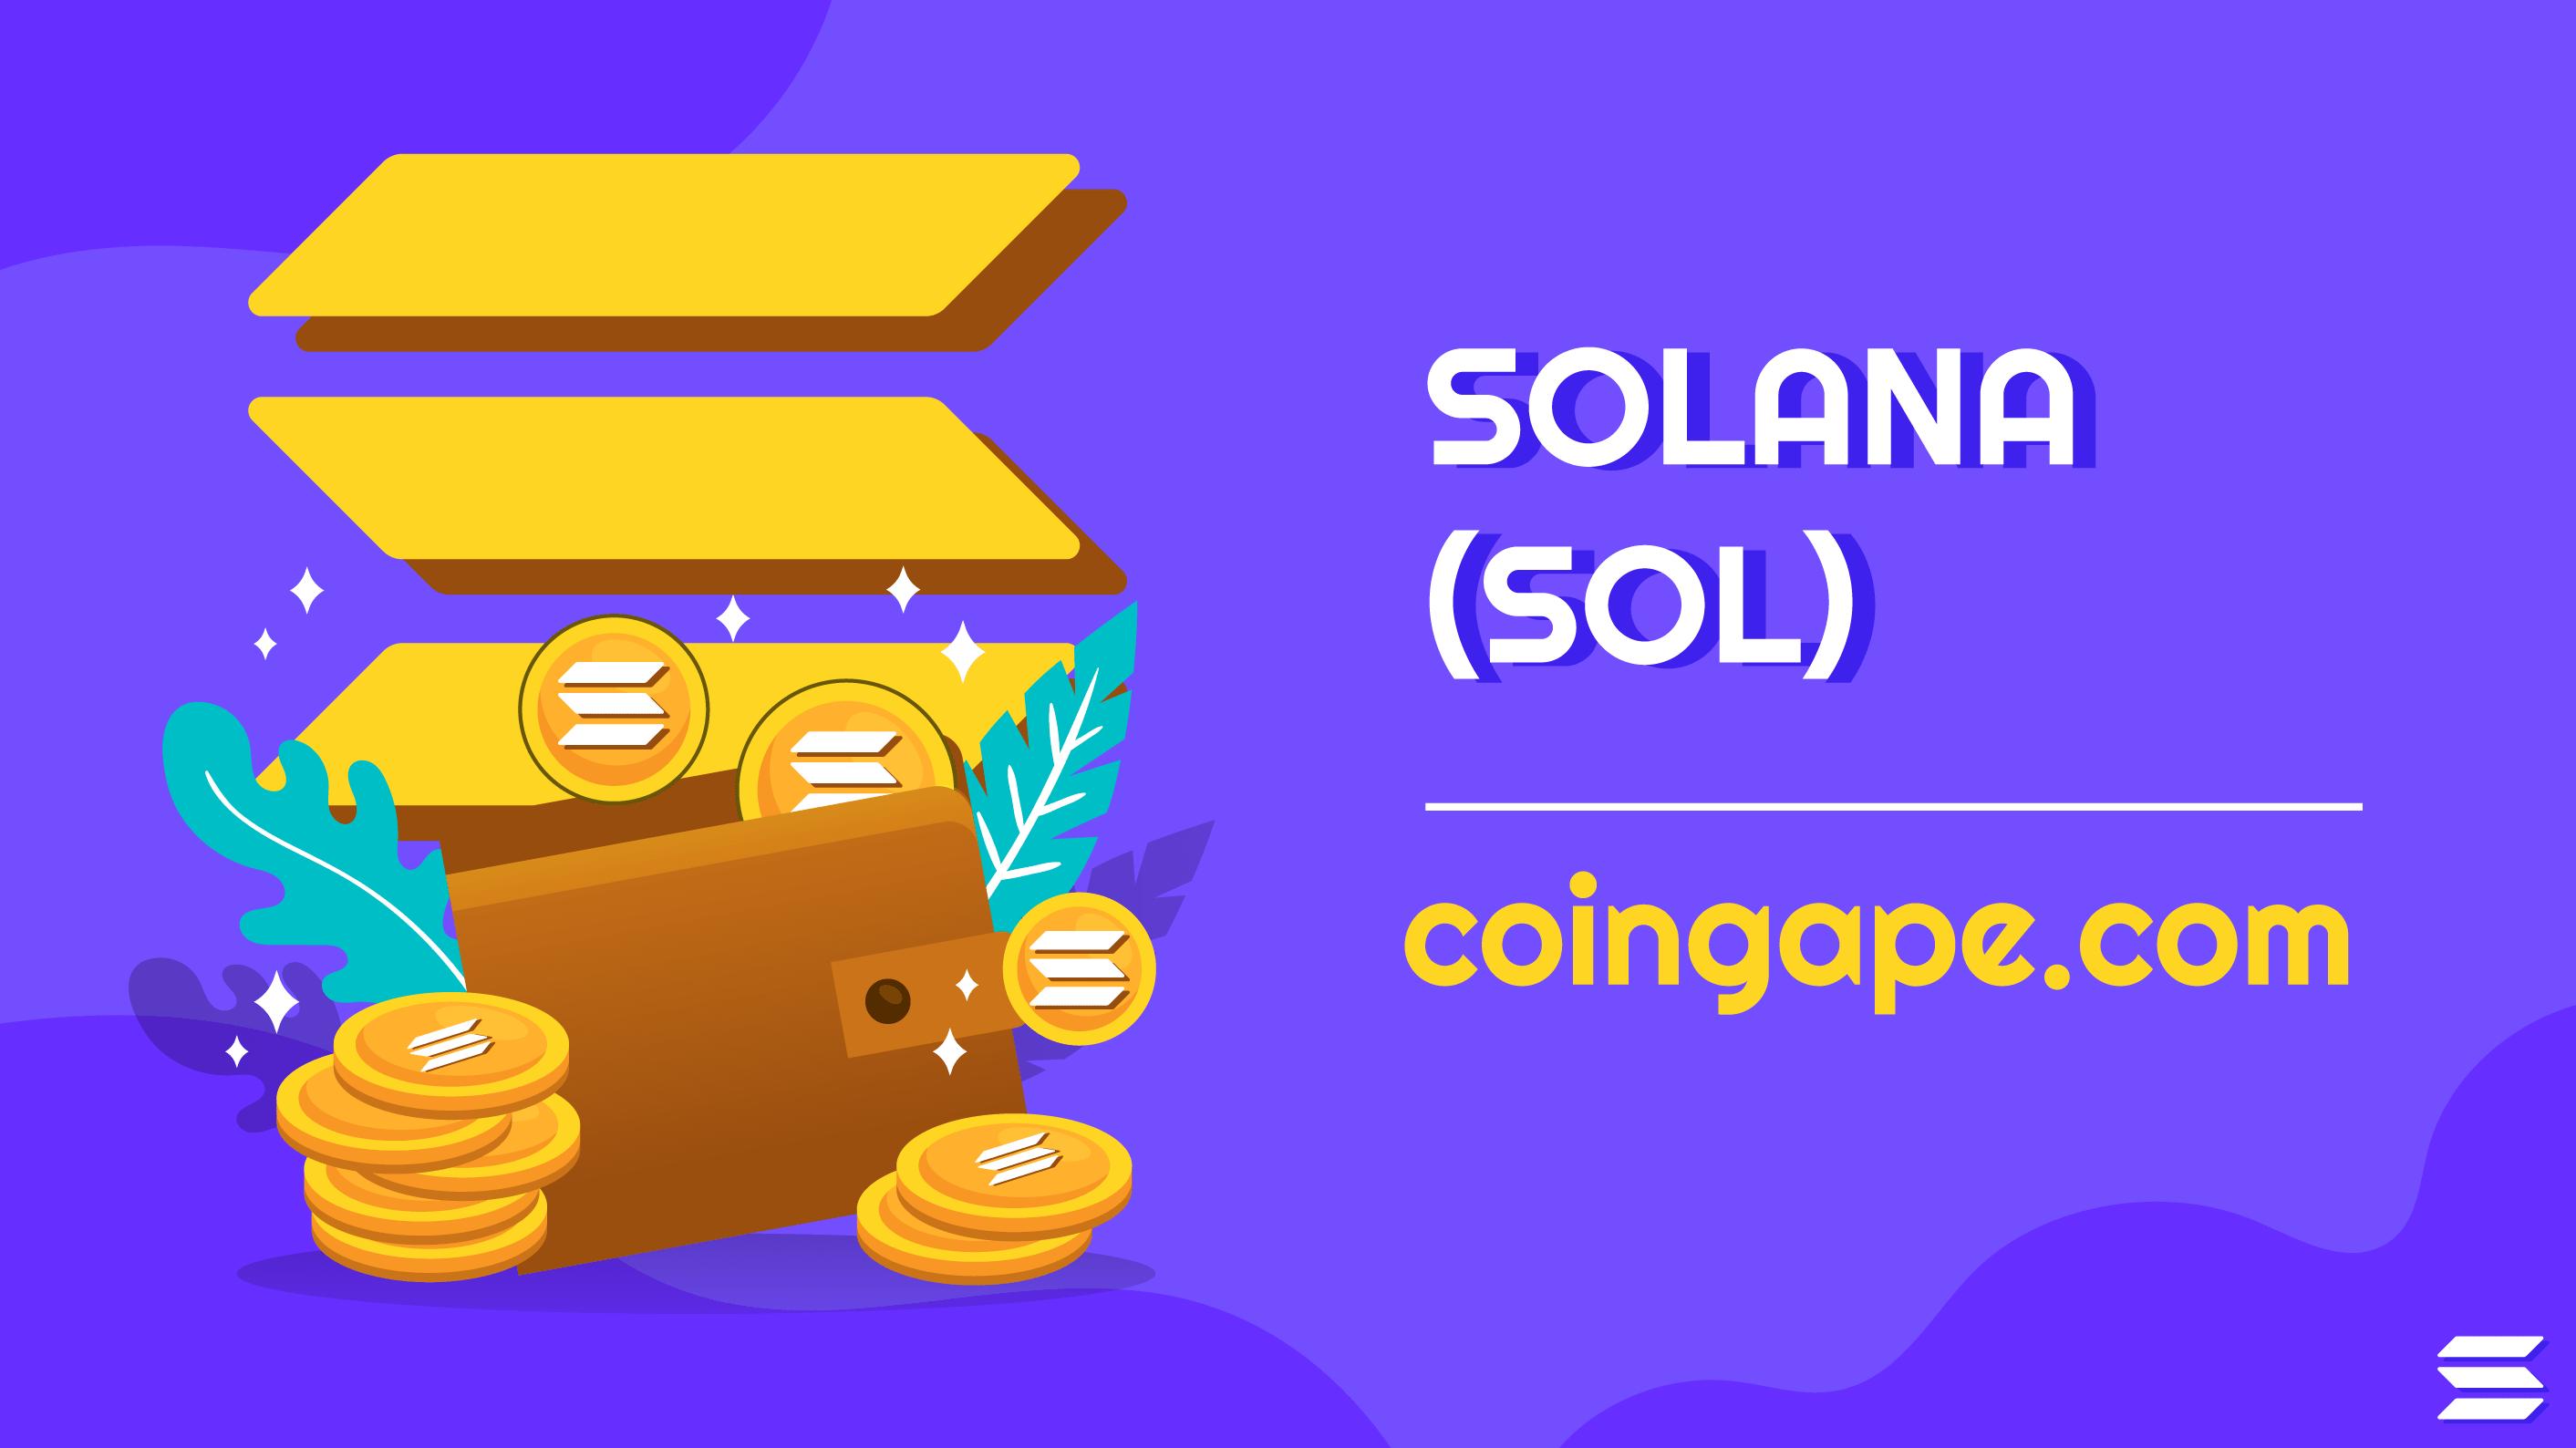 Análise do Preço da SOL: Solana(SOL) Entra em Canal Altista Para Alta Histórica